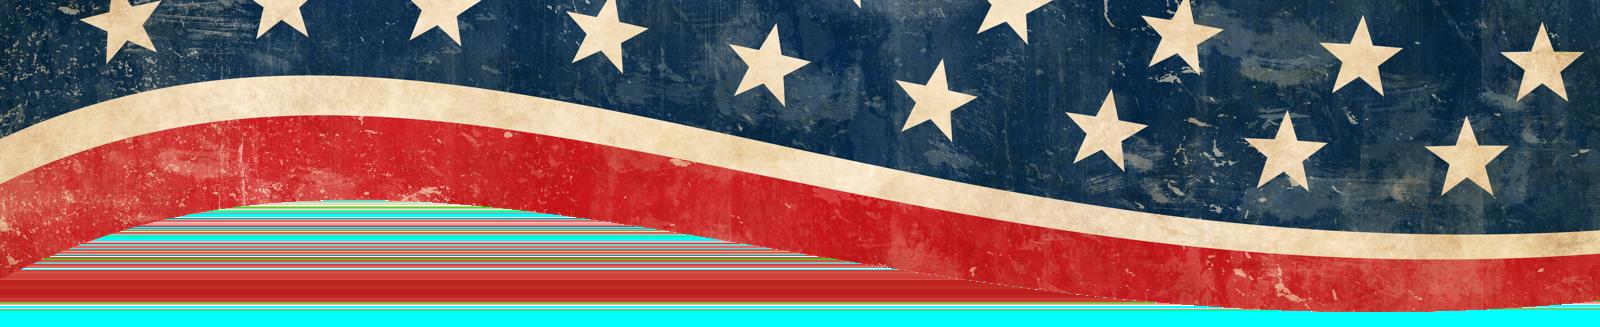 american flag banner png koni polycode co